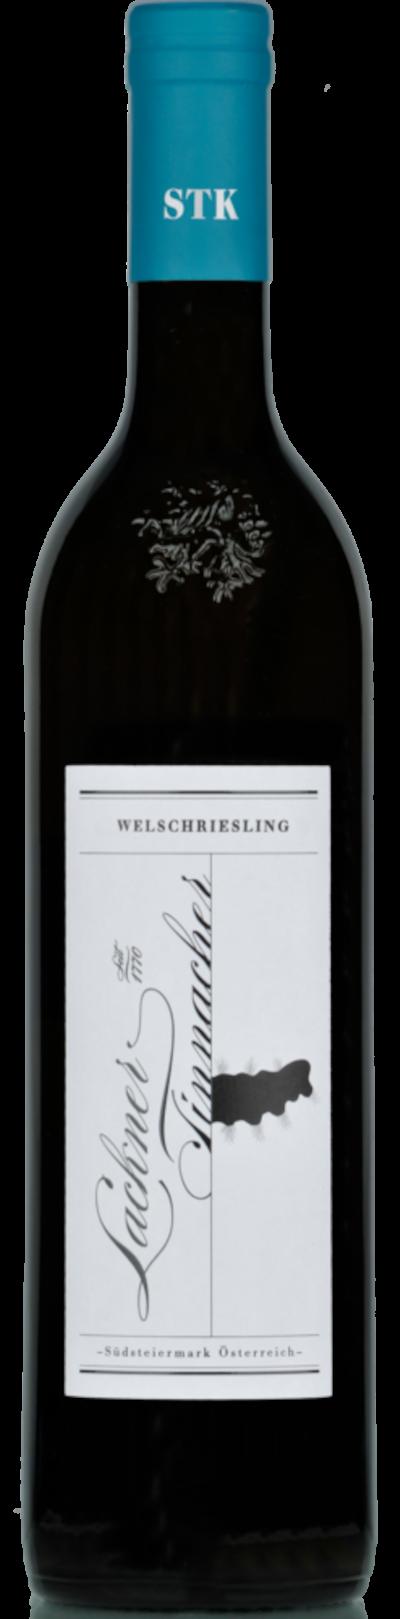 LacknerTinnacher - Welschriesling Südsteiermark DAC bio